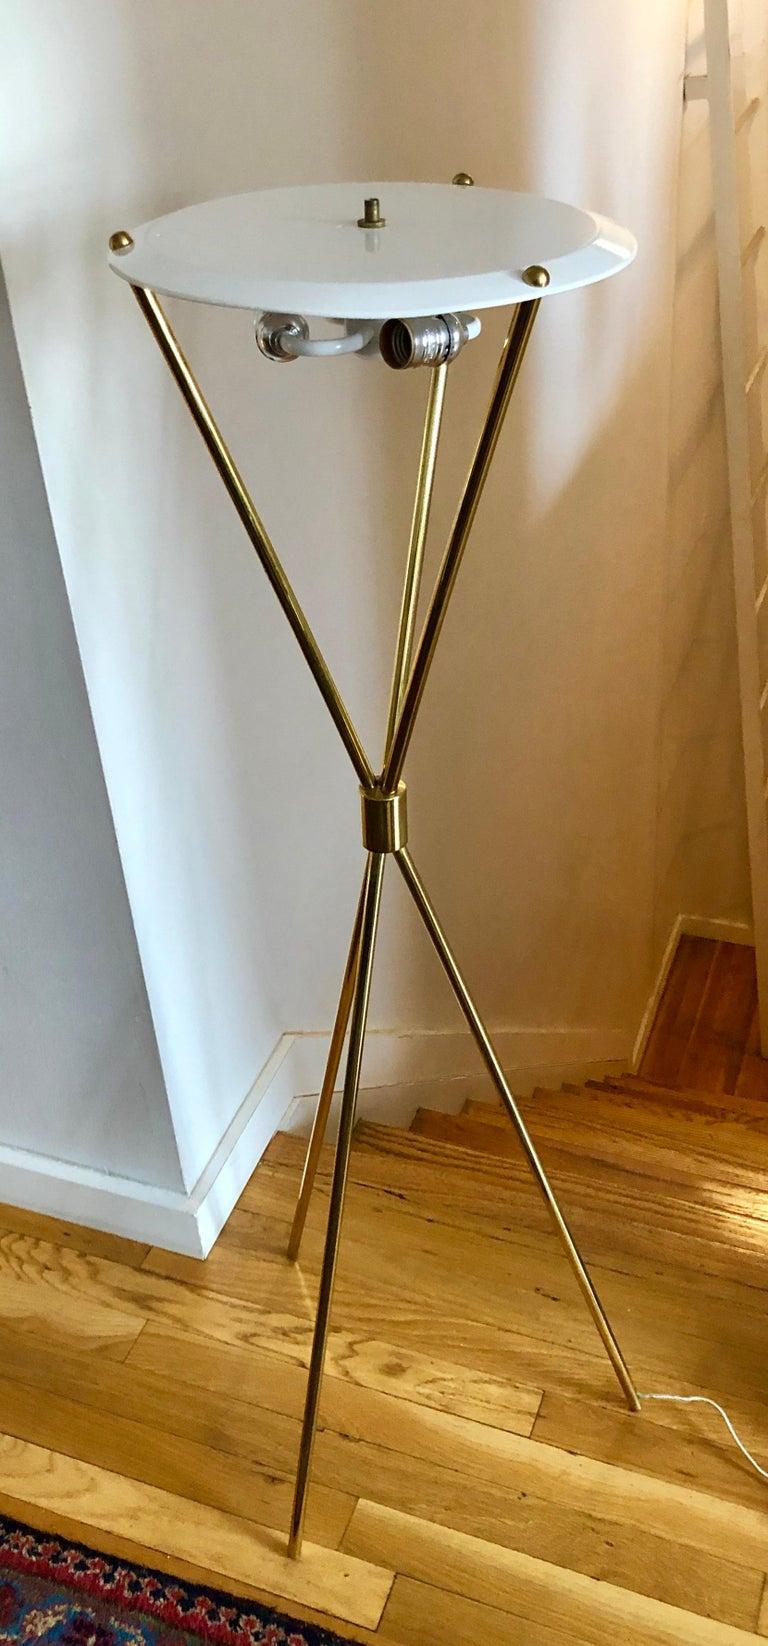 Brass Tripod Floor Lamp by T.H. Robsjohn-Gibbings for Hansen Lighting For Sale